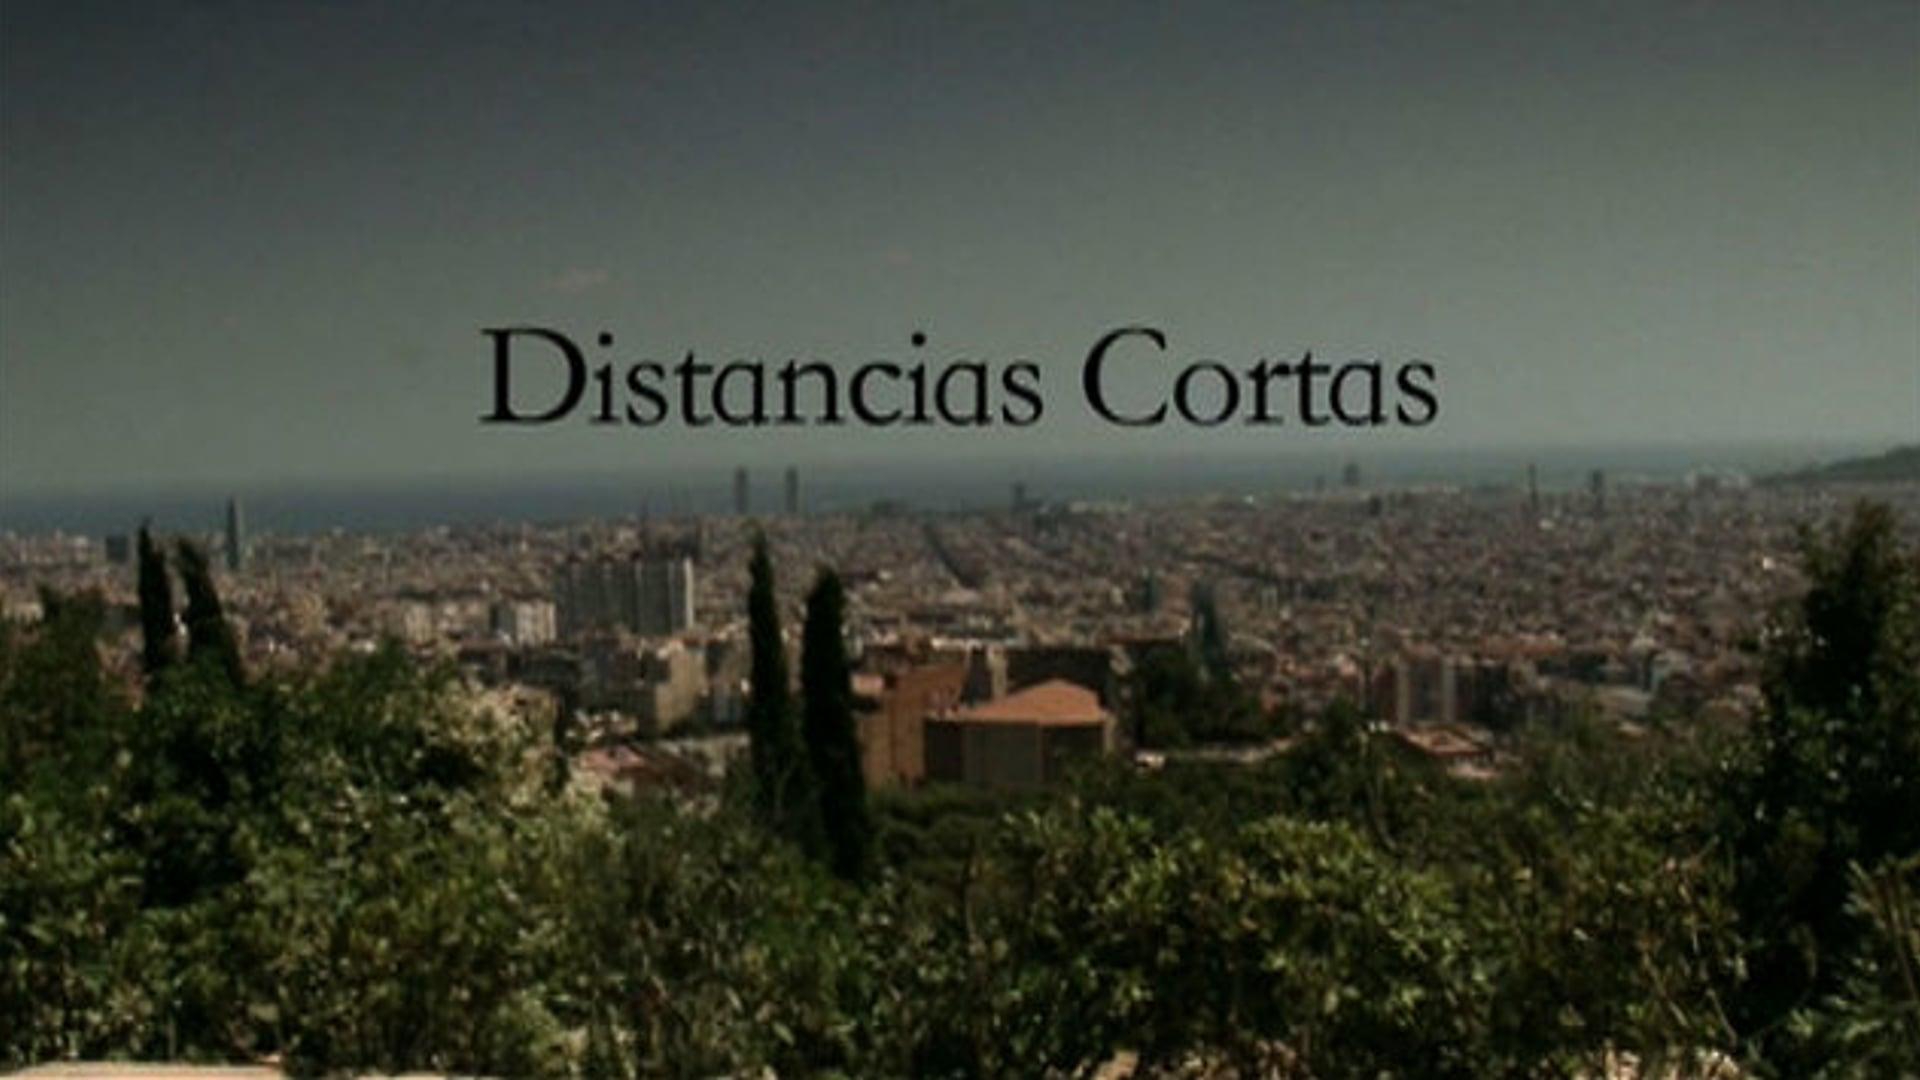 DISTANCIAS CORTAS (Short Distances)